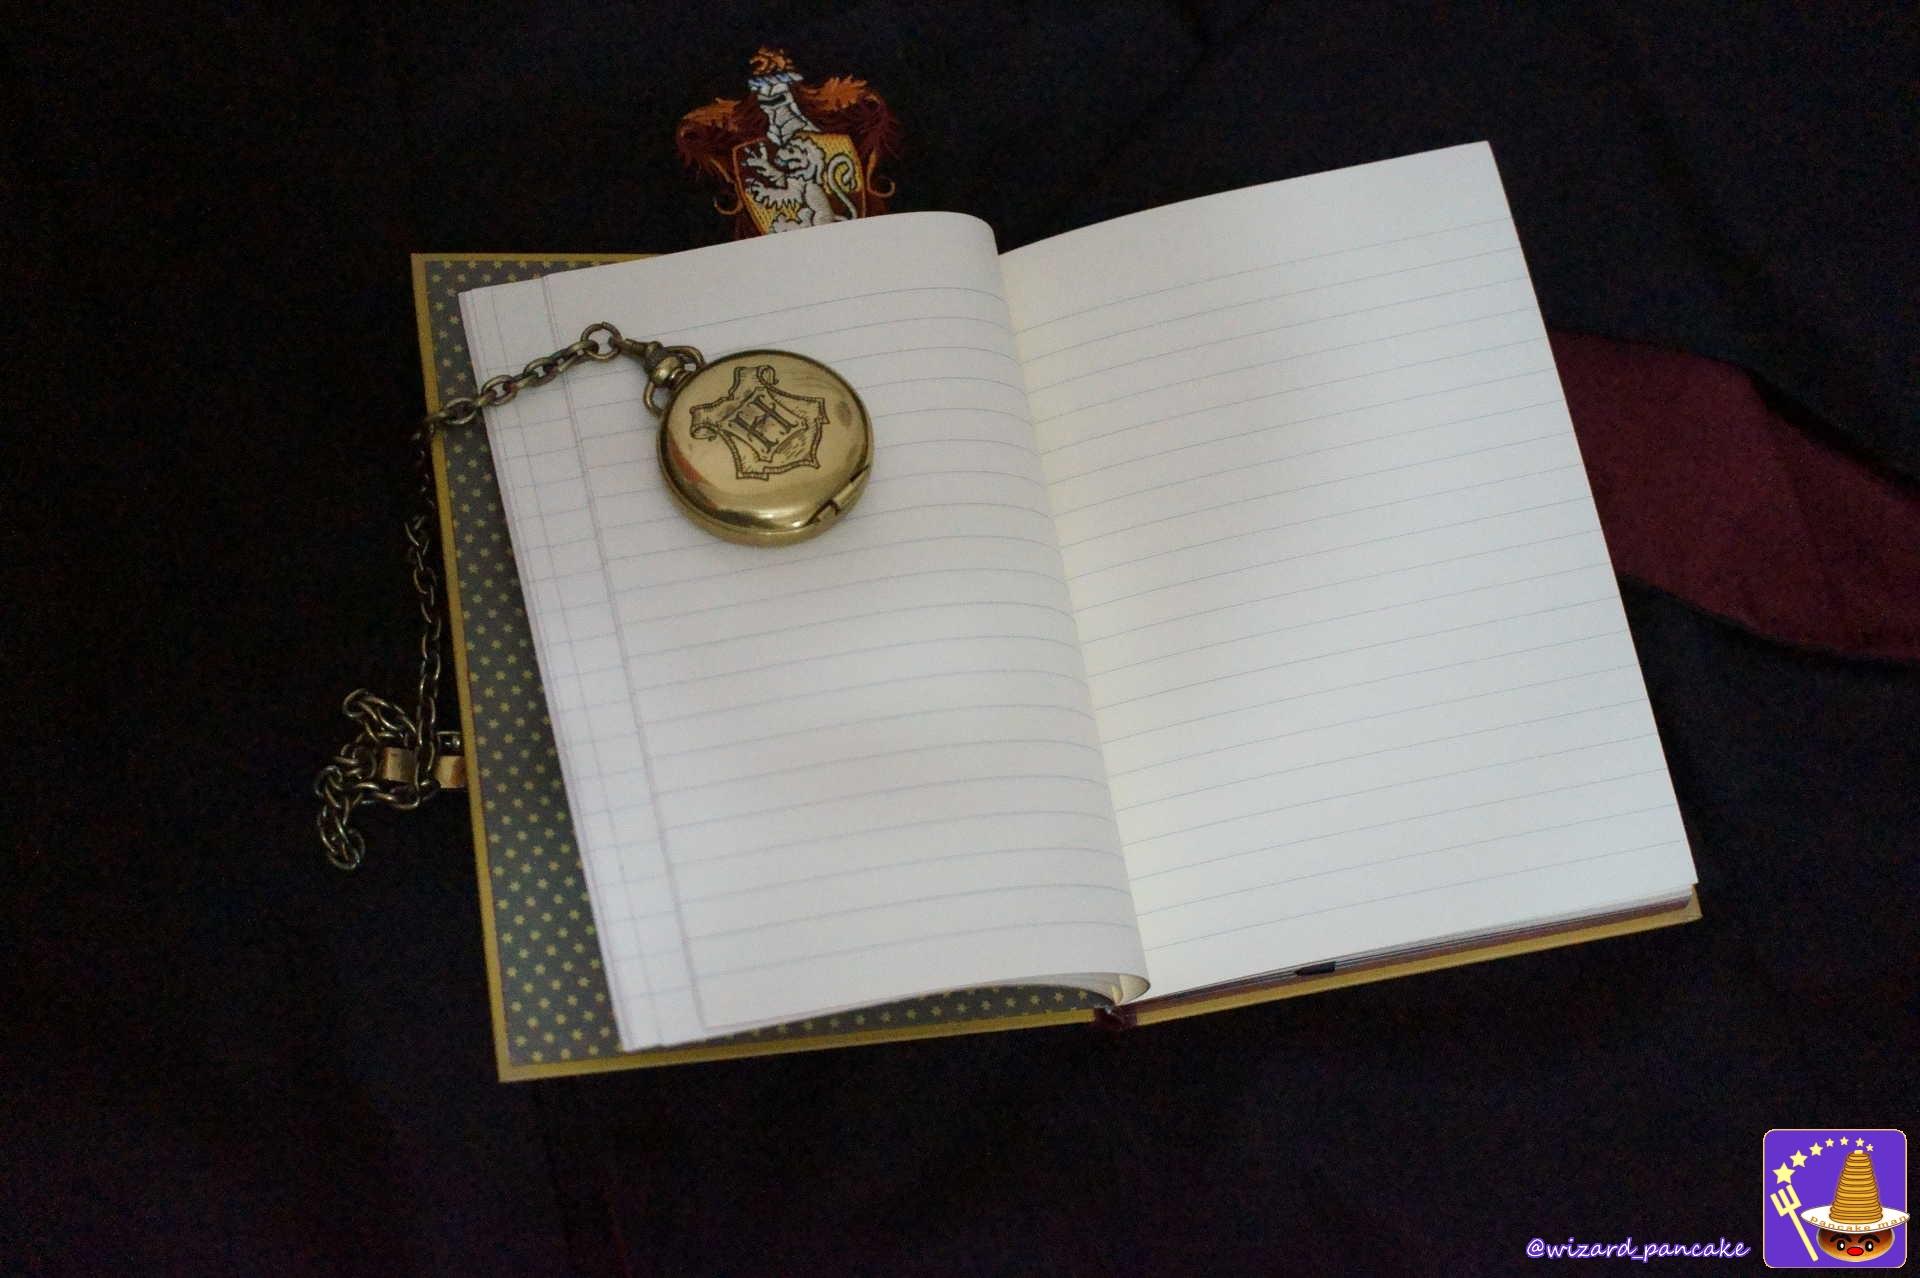 プレゼント★『闇の魔術に対する防衛術』のホグワーツ教科書(minalimaノート)を1冊1名様に♪魔法界ブログ